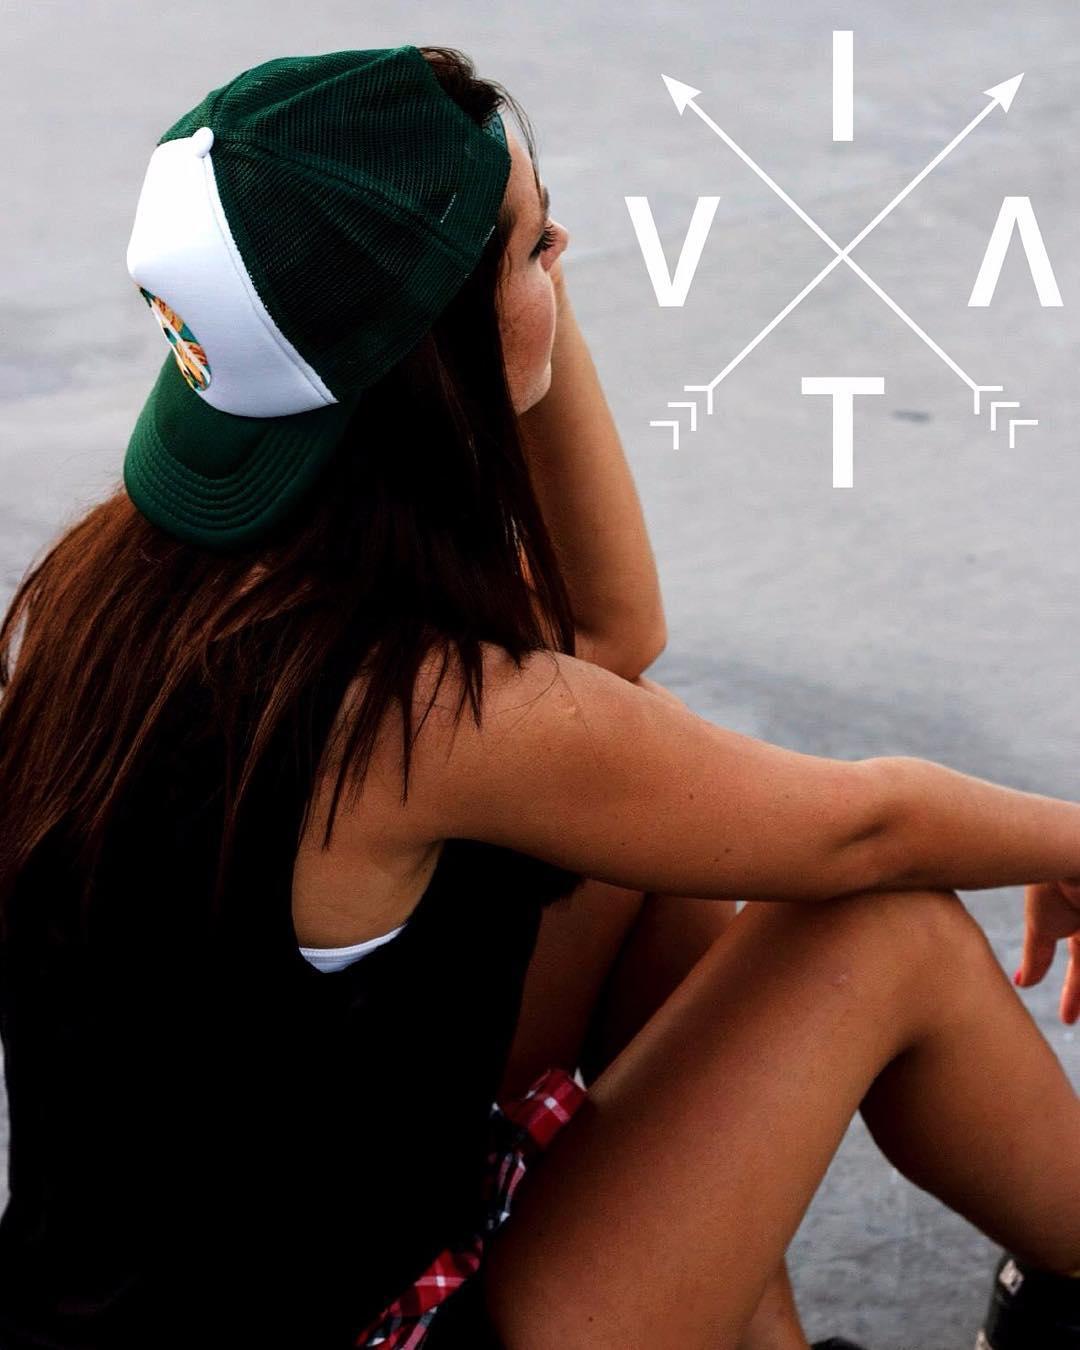 Esta temporada no te podes quedar sin tu #VITA!! Entra a netshoes.com.ar y conseguí la tuya